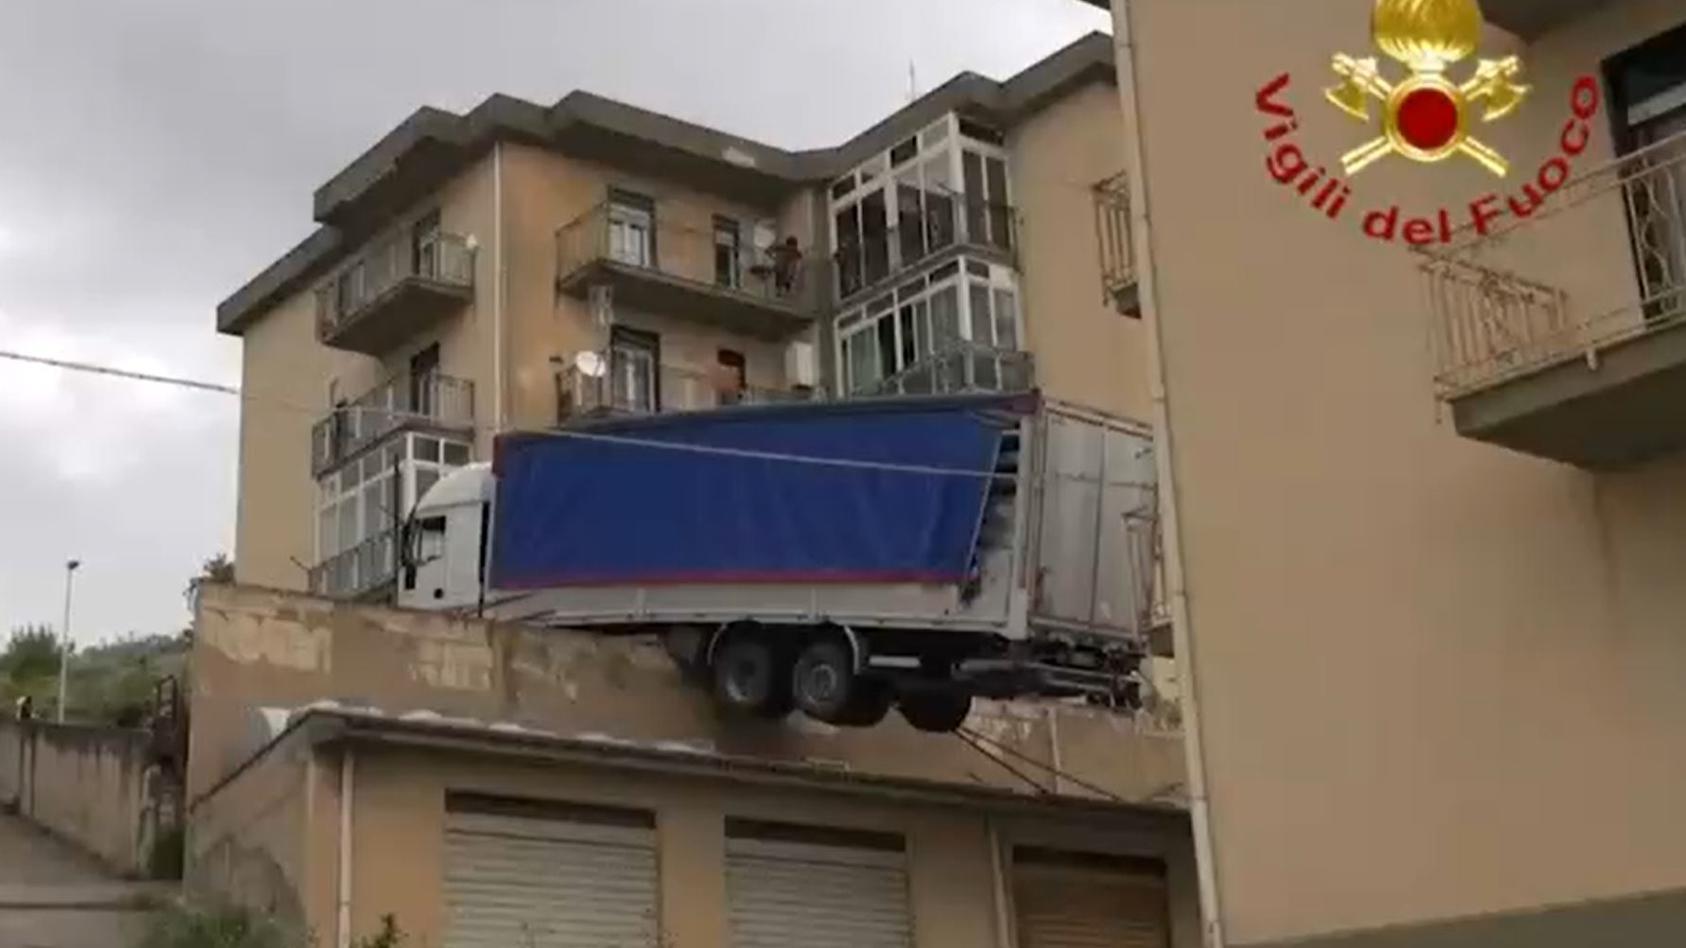 In Italien landete ein Lkw nach einem Unfall auf einem Hausdach.